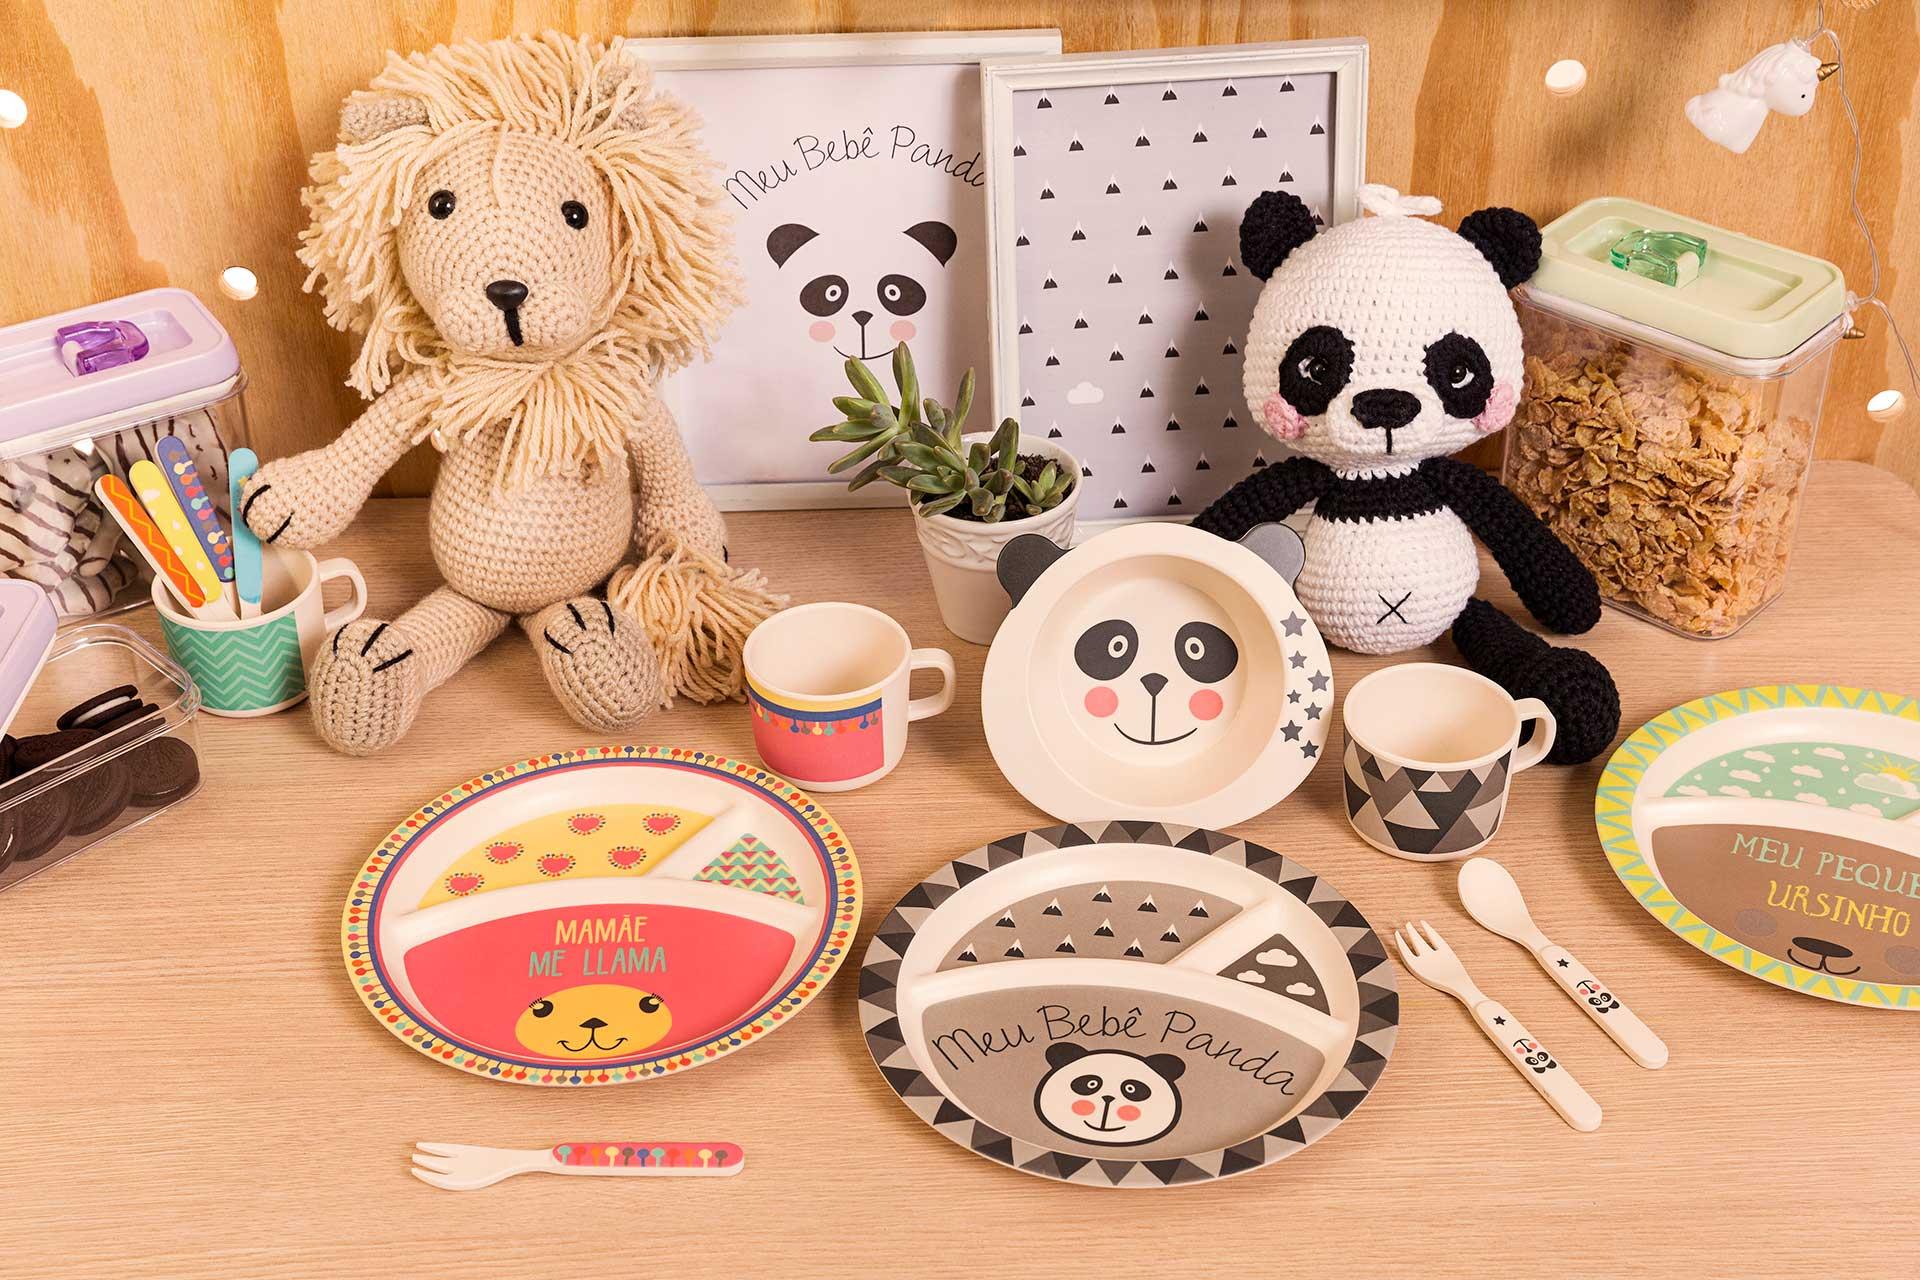 Imagem: O conjunto para refeições infantis é feito com fibra de bambu. As peças estão à venda na Loja Virtual da Oxford e também em revendedores por todo o país. São cinco opções de estampas: Bebê Panda, Unicórnio, Leãozinho, Ursinho e Me Lhama.